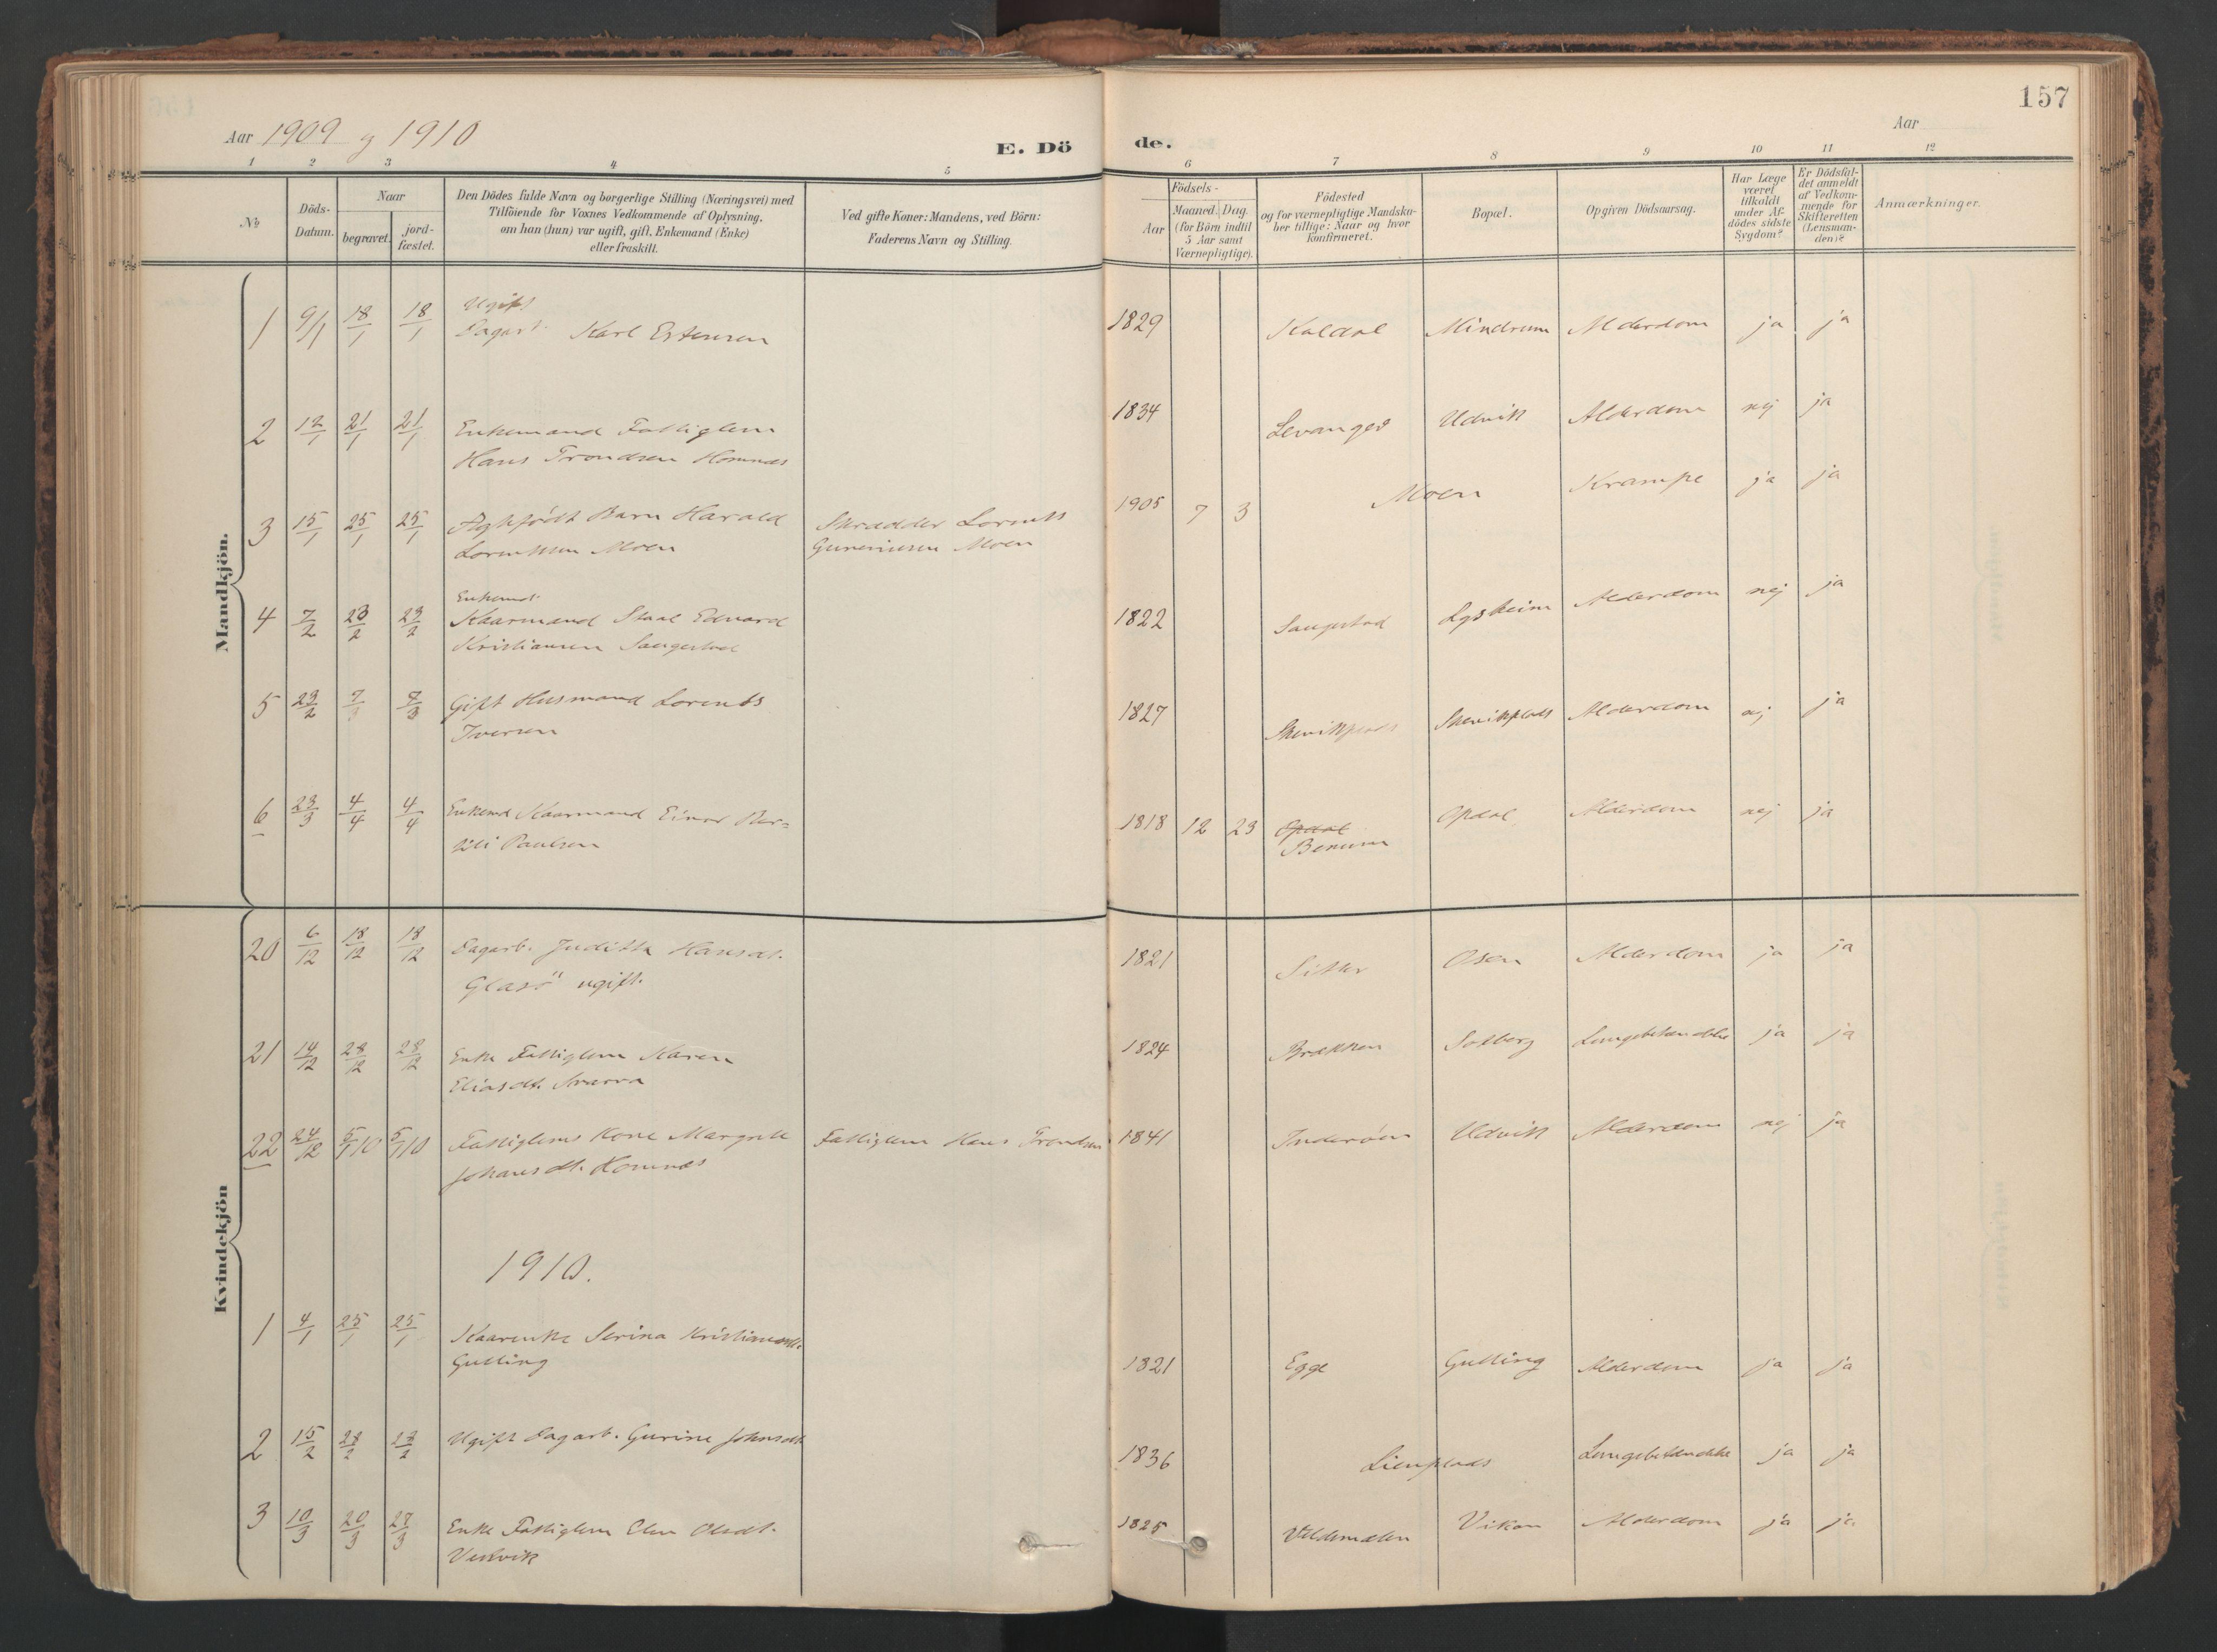 SAT, Ministerialprotokoller, klokkerbøker og fødselsregistre - Nord-Trøndelag, 741/L0397: Ministerialbok nr. 741A11, 1901-1911, s. 157